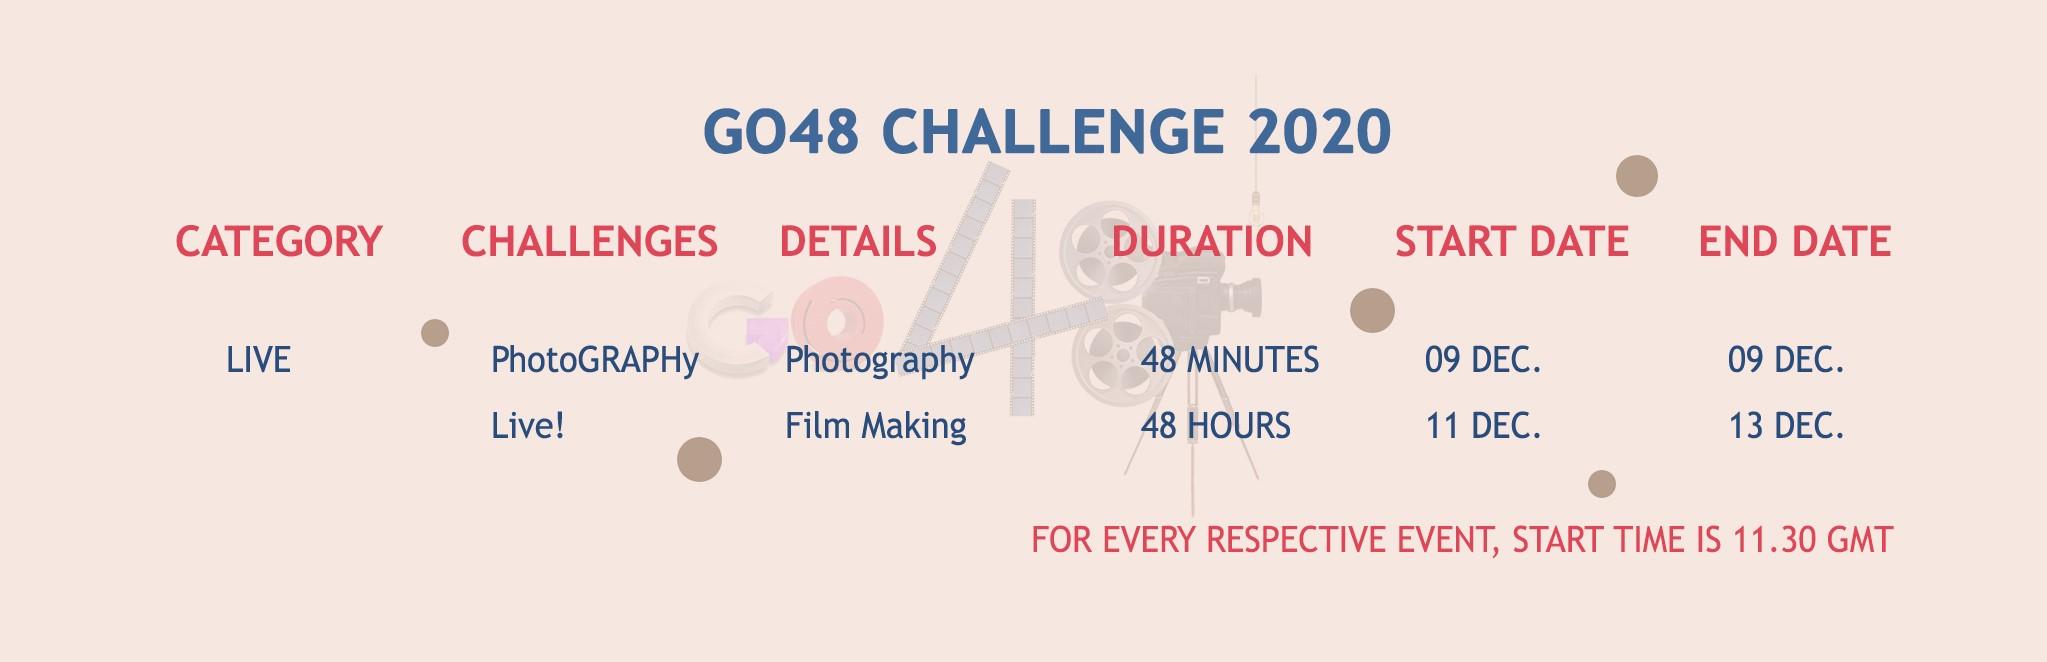 Go48 live